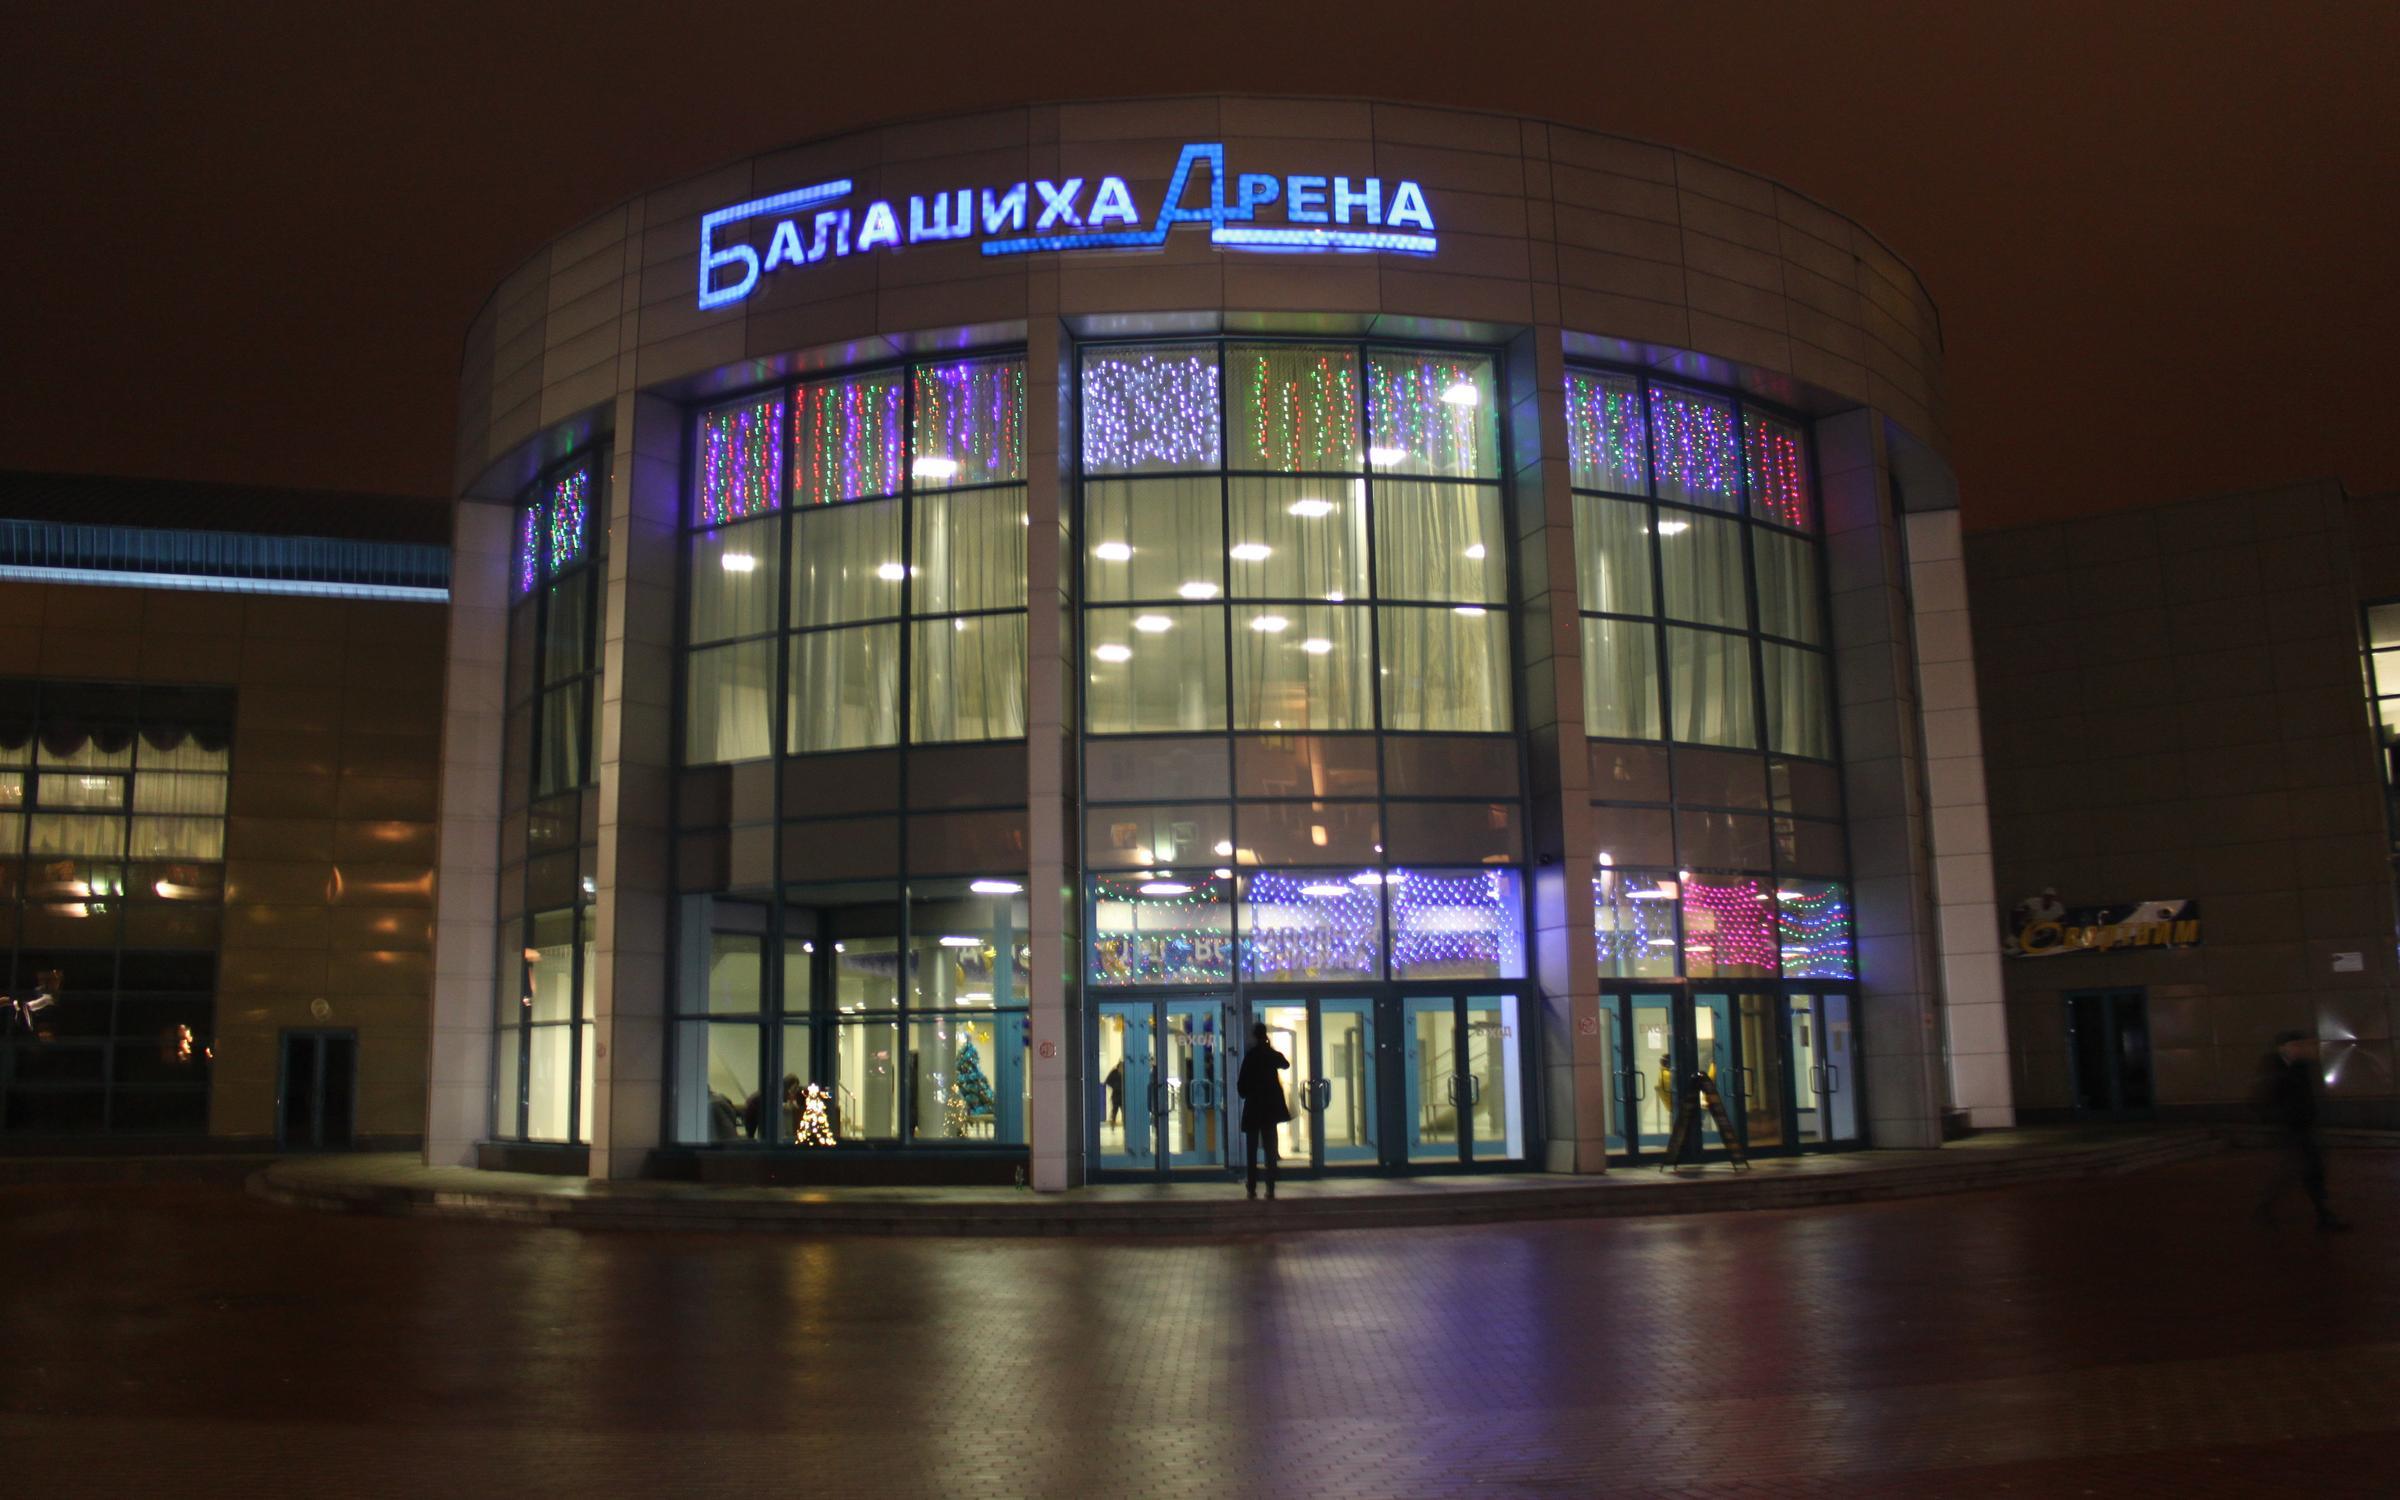 фотография Вечерний каток Арена Балашиха на Парковой улице